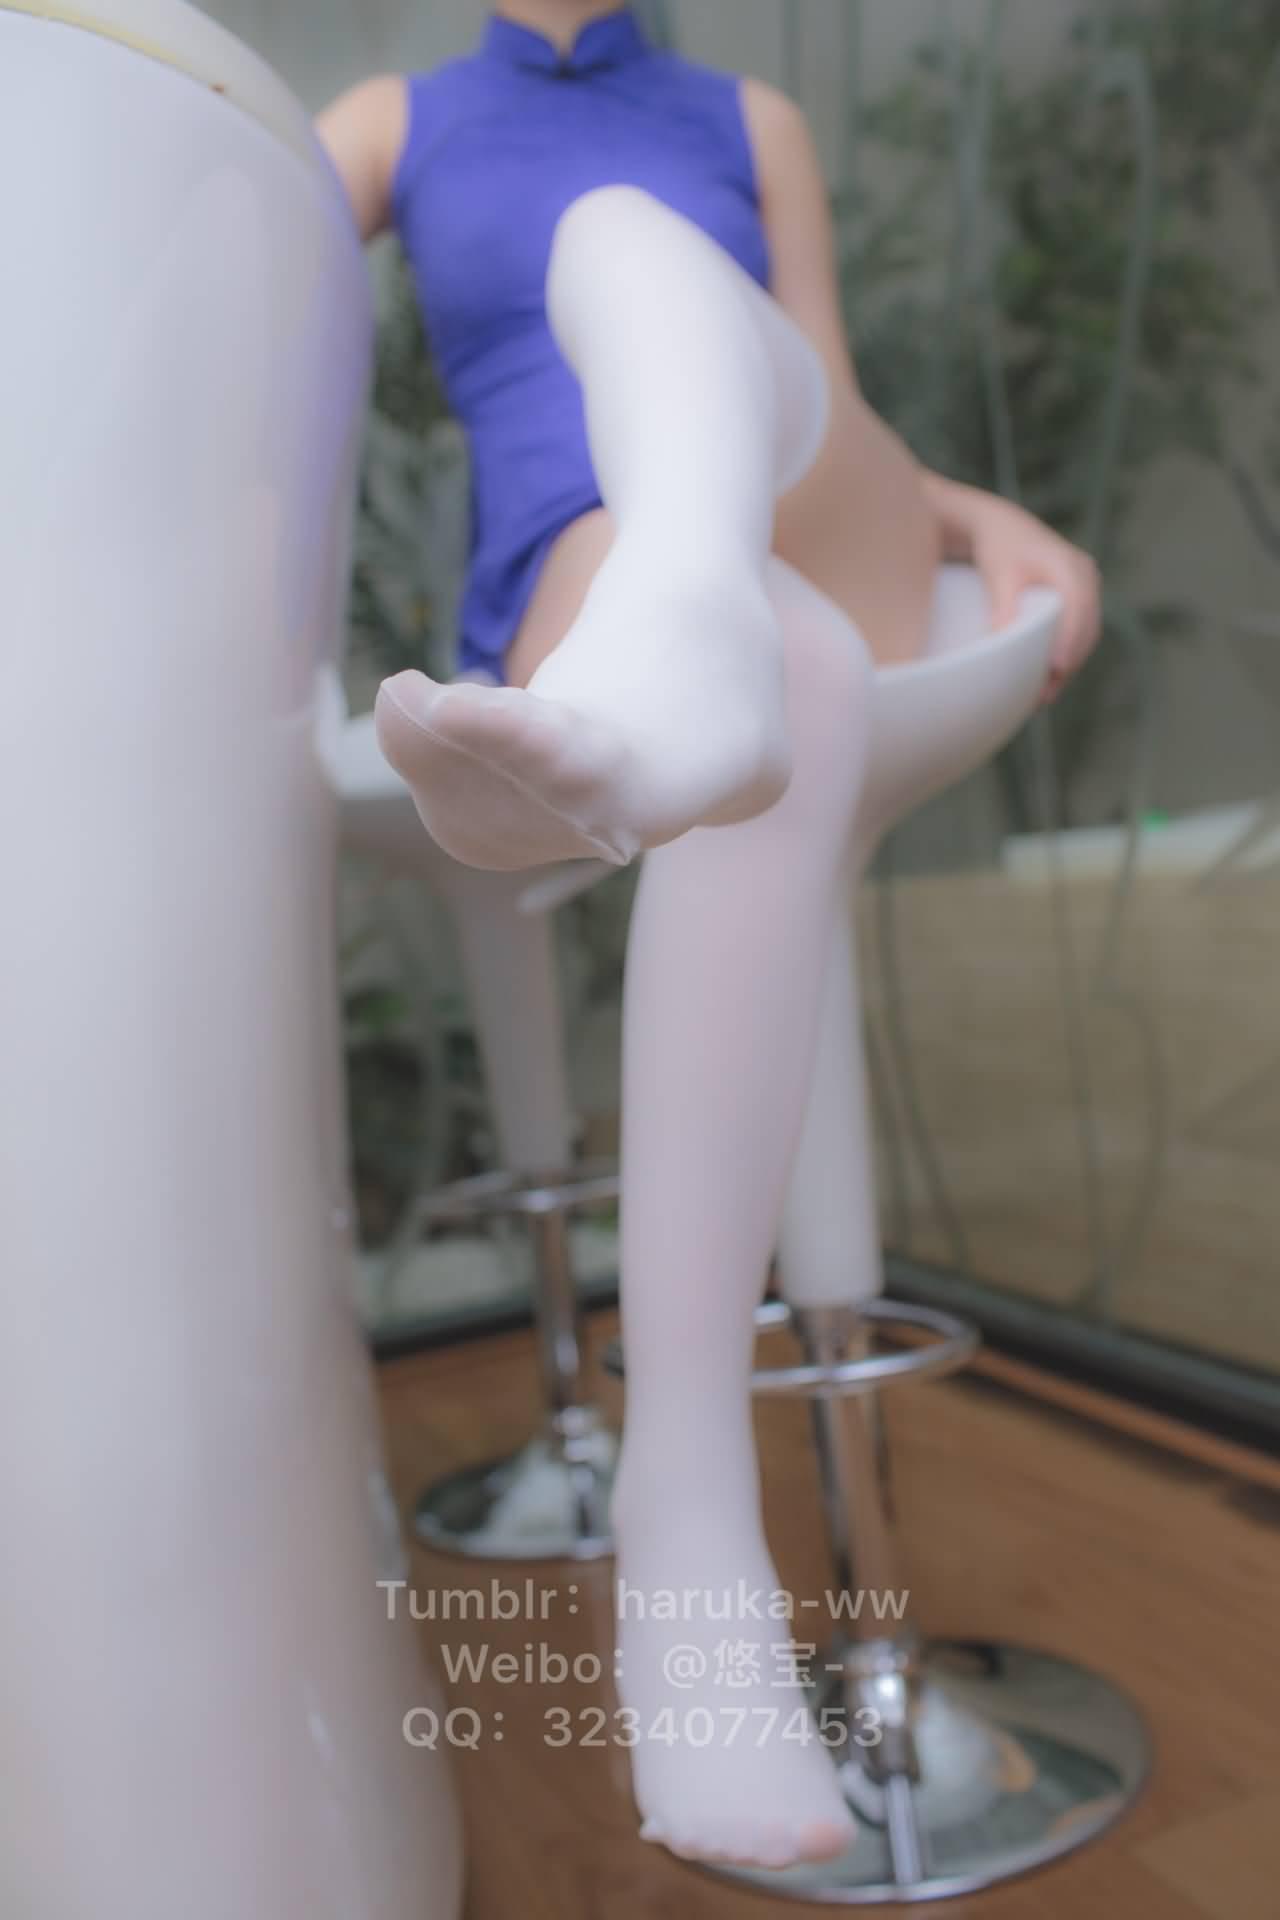 sQh7K6 - Young japanese school girl white stockings cheongsam 悠宝三岁 白丝旗袍